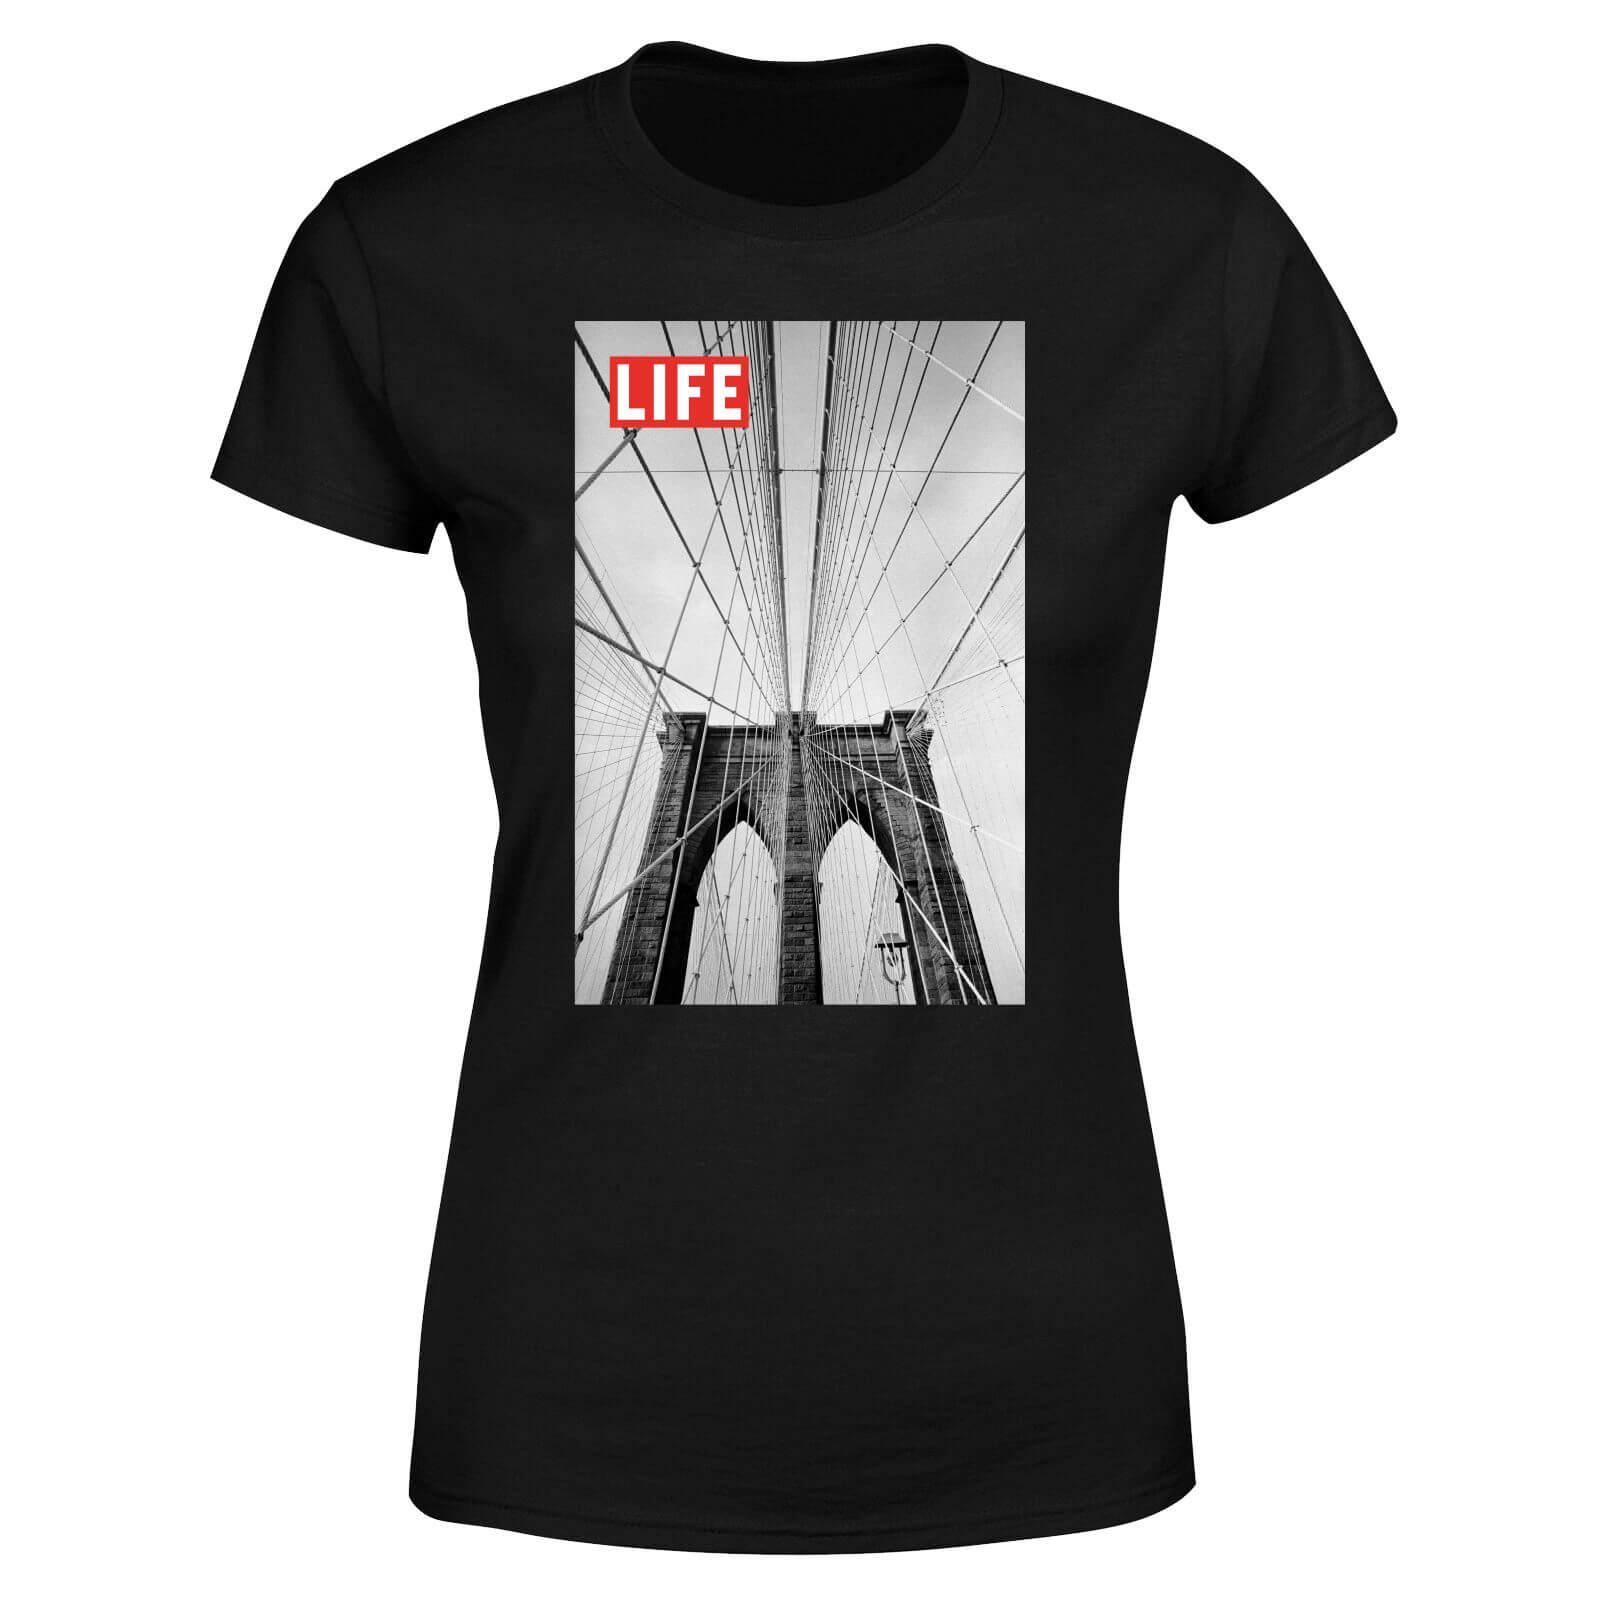 LIFE Magazine City Bridge Women's T-Shirt - Black - L - Black-female